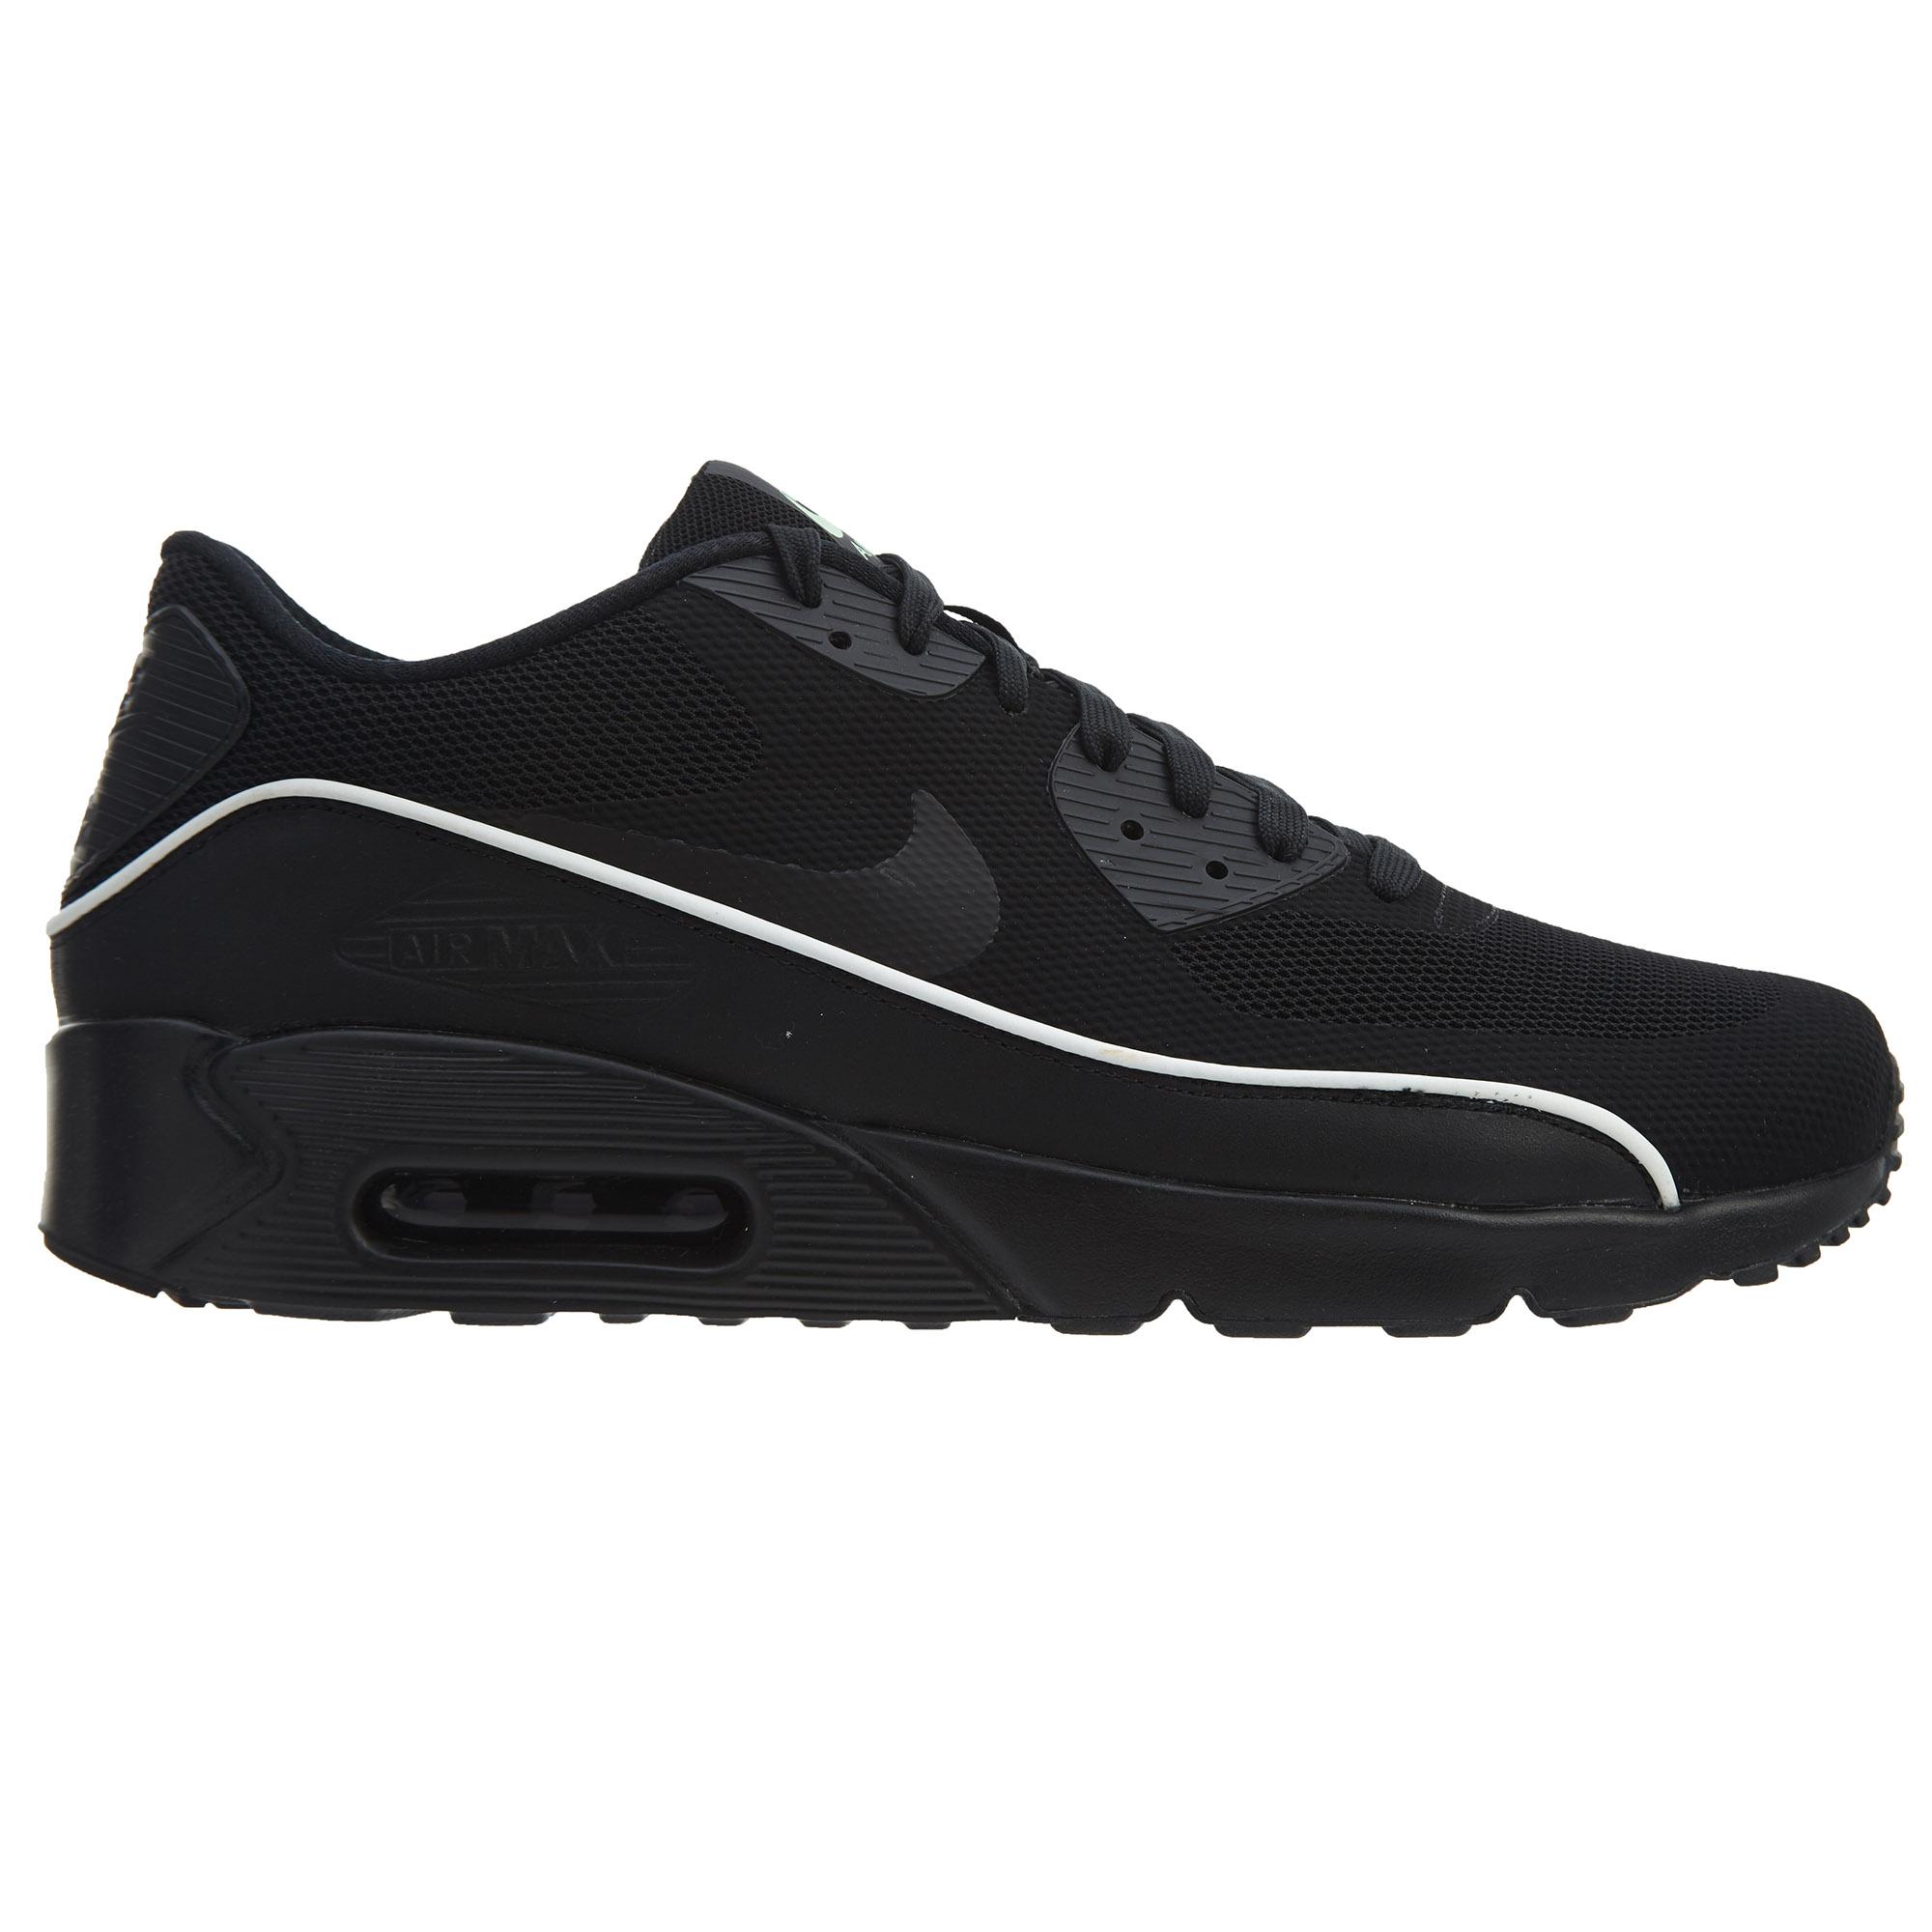 Nike Air Max 90 Ultra 2.0 Essential Black Black Mint Foam - 875695-009